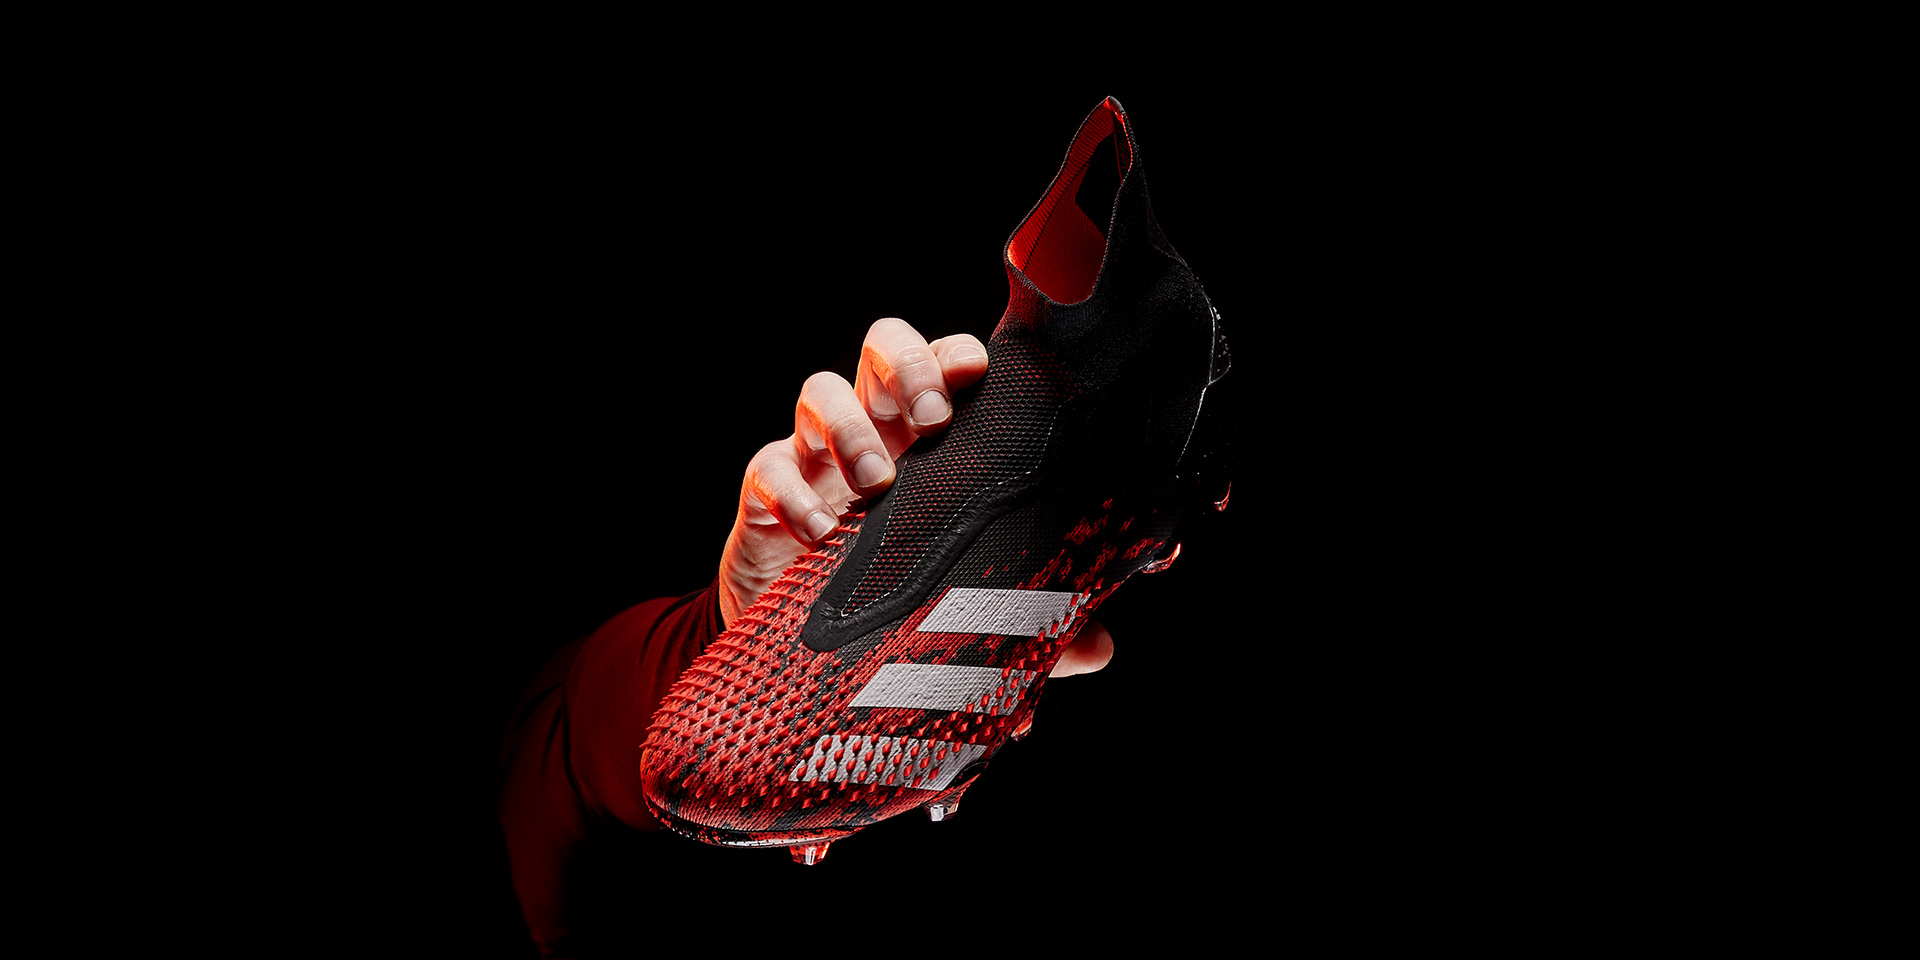 Dòng giày đá bóng kiểm soát bóng Adidas của cầu thủ chuyên nghiệp là Predator